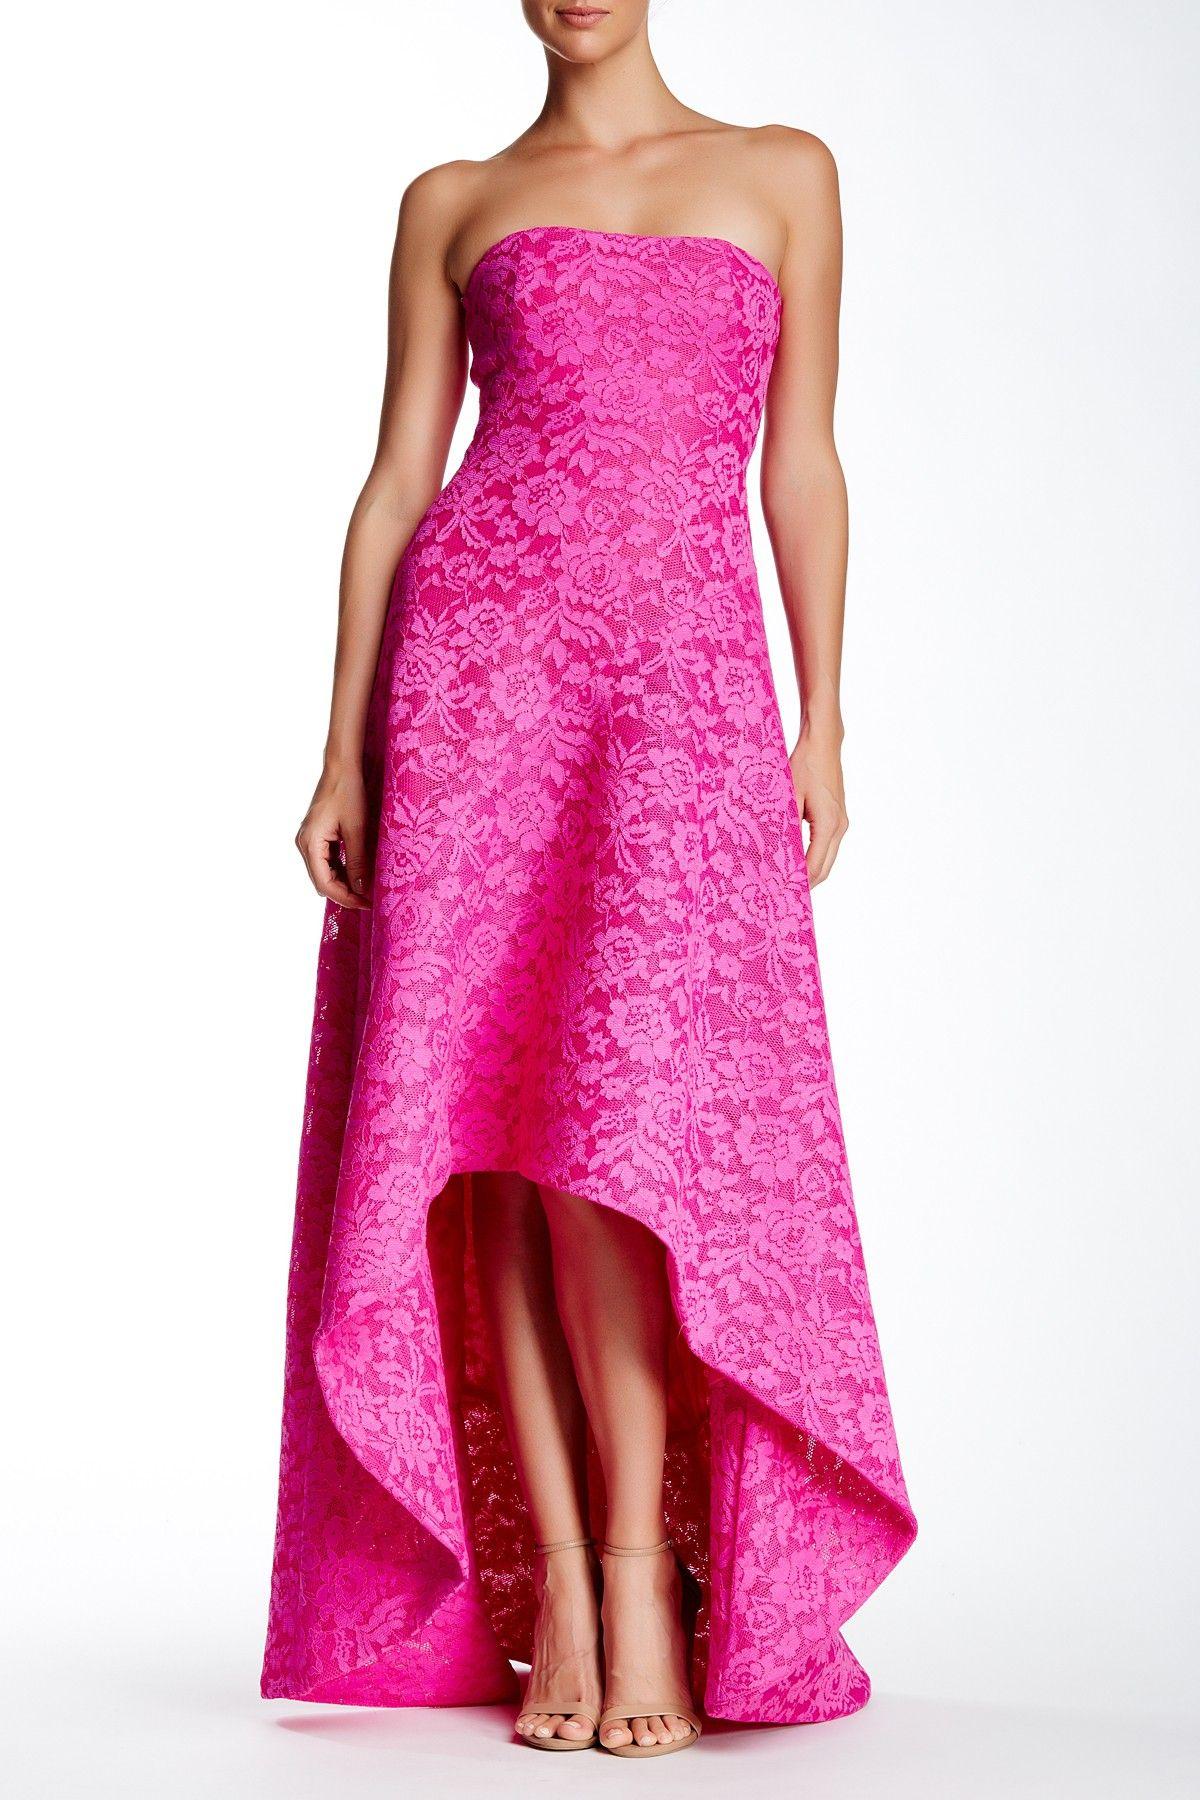 Único Vestido De Dama De Nordstrom Patrón - Colección de Vestidos de ...